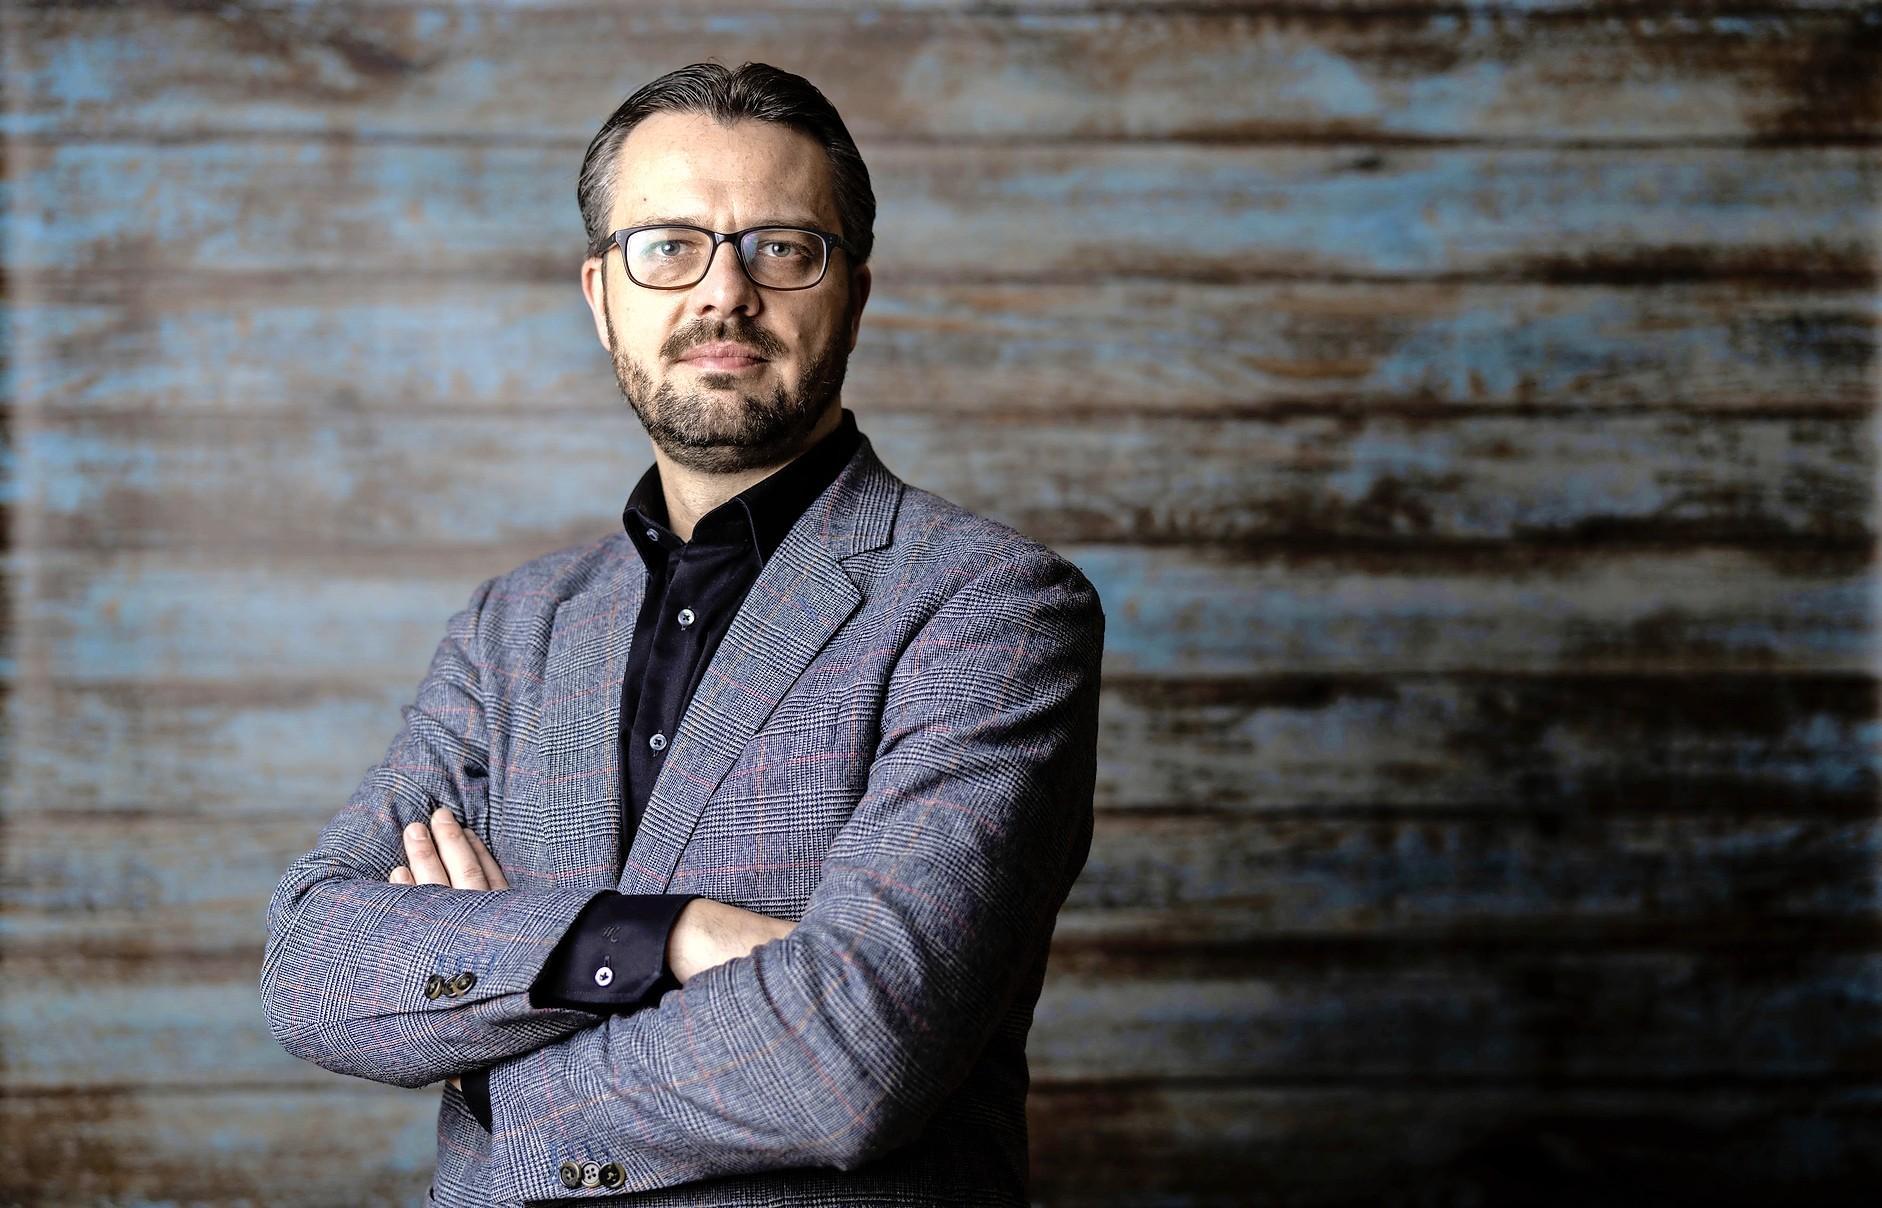 Organisator Alexander Mouret: 'Wat ik mooi vind, wil ik delen'